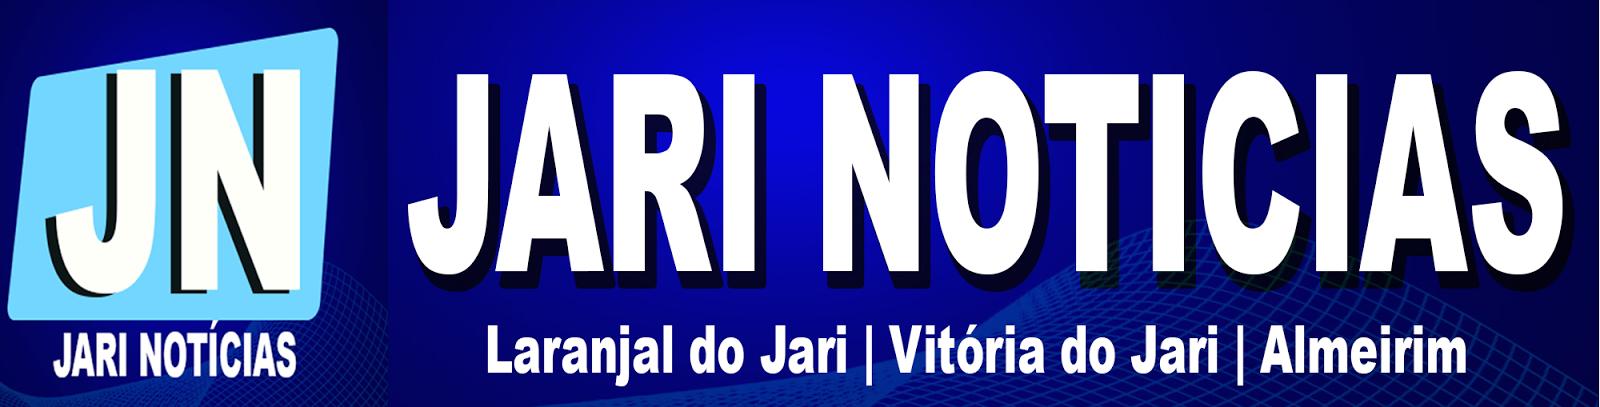 JARI NOTÍCIAS